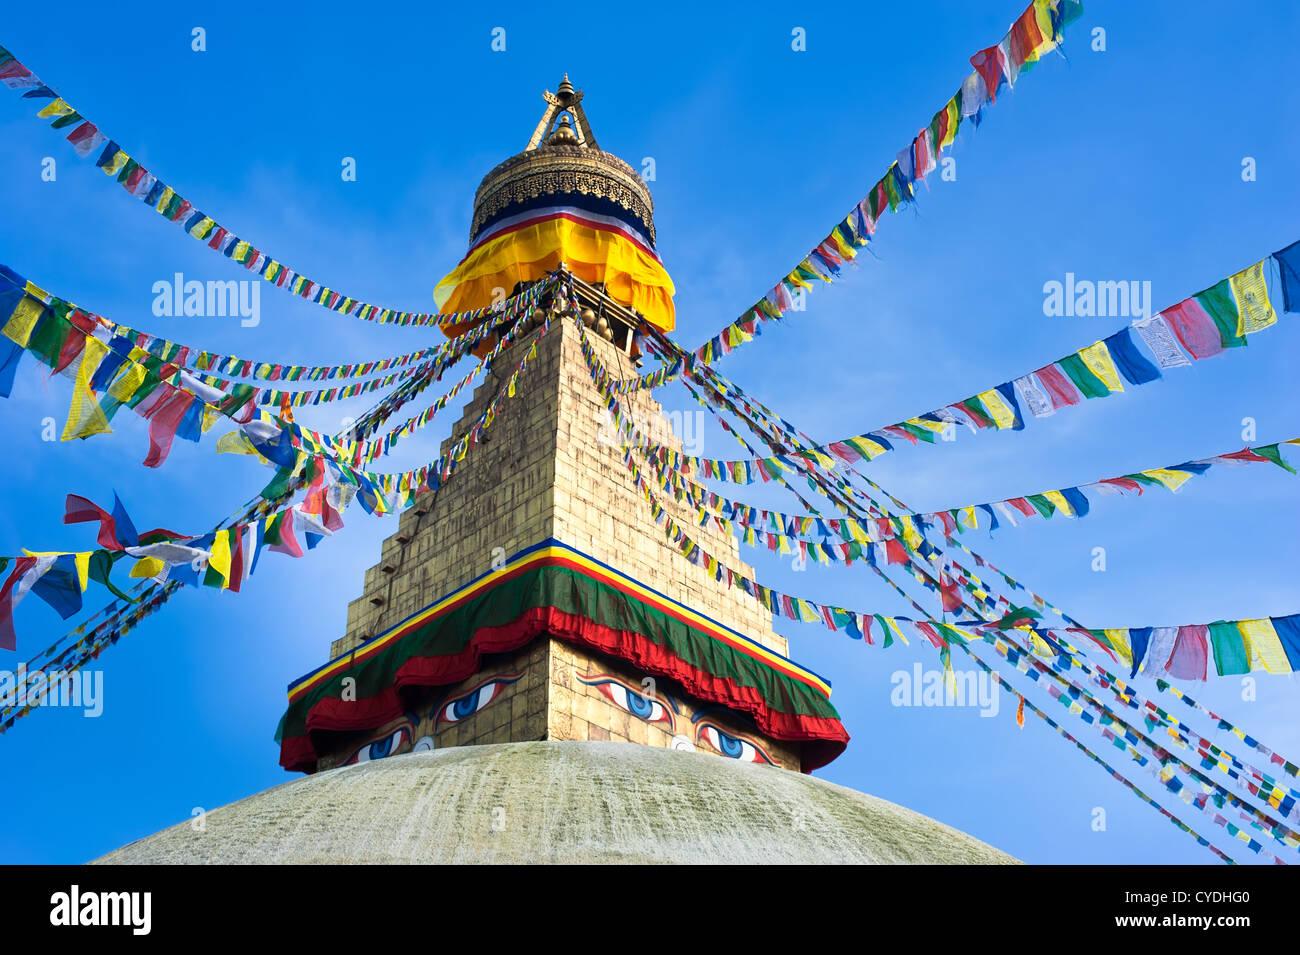 Santuario buddista Stupa Boudhanath a pregare flags over blue sky. Il Nepal, Kathmandu Immagini Stock